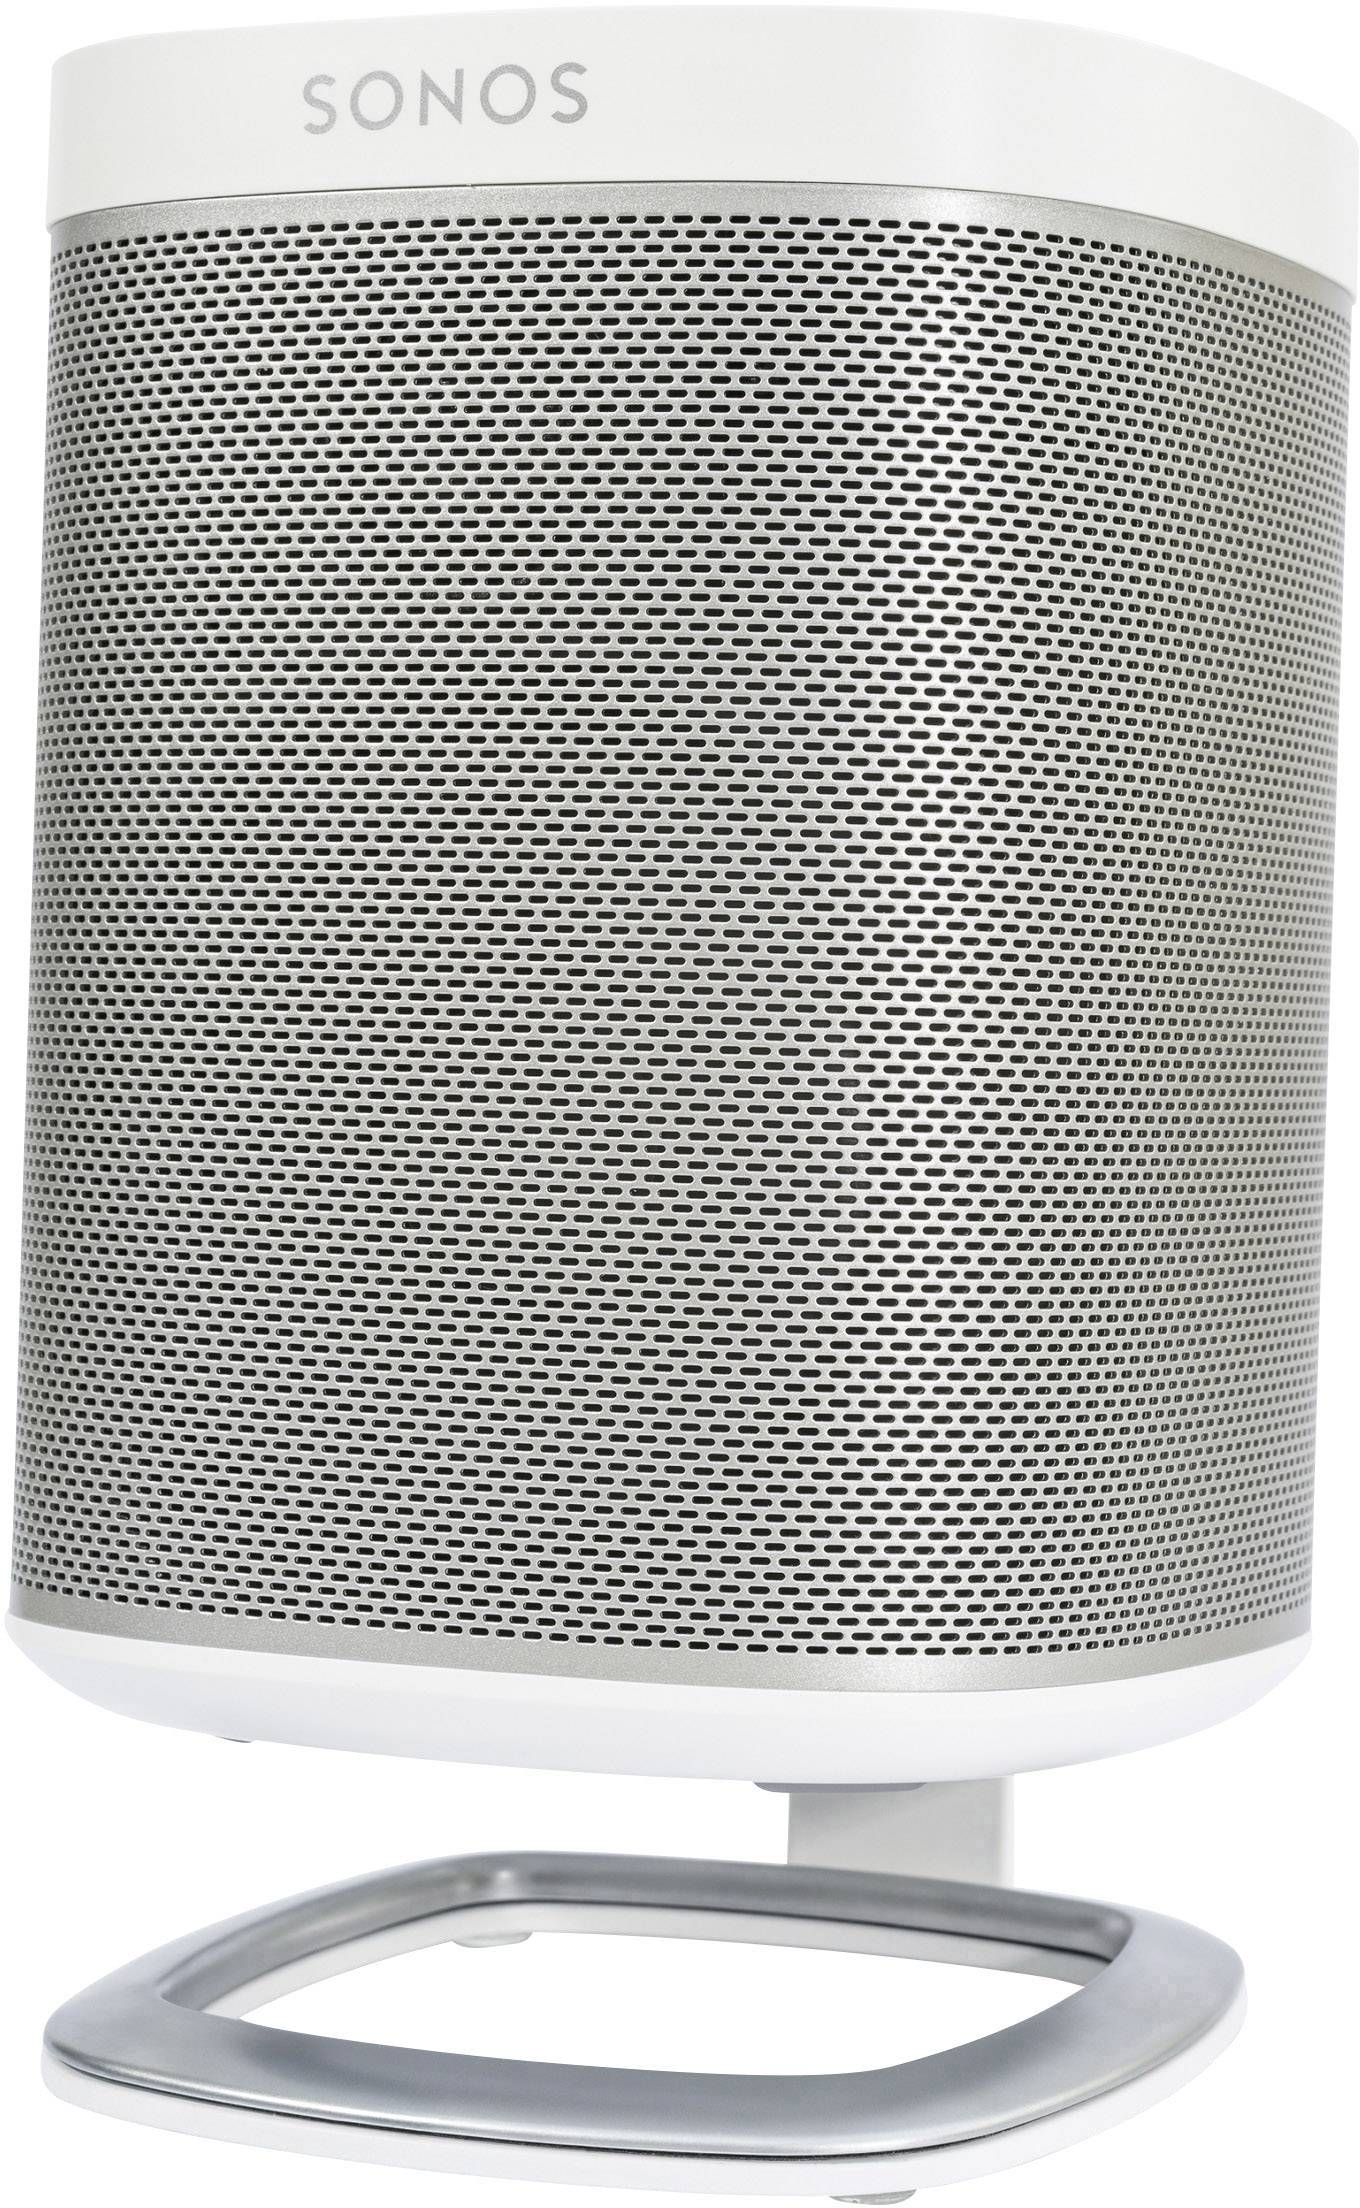 Multiroom Lautsprecher Sonos Play:1 Wlan, Lan Inkl. Halterung Weiß .